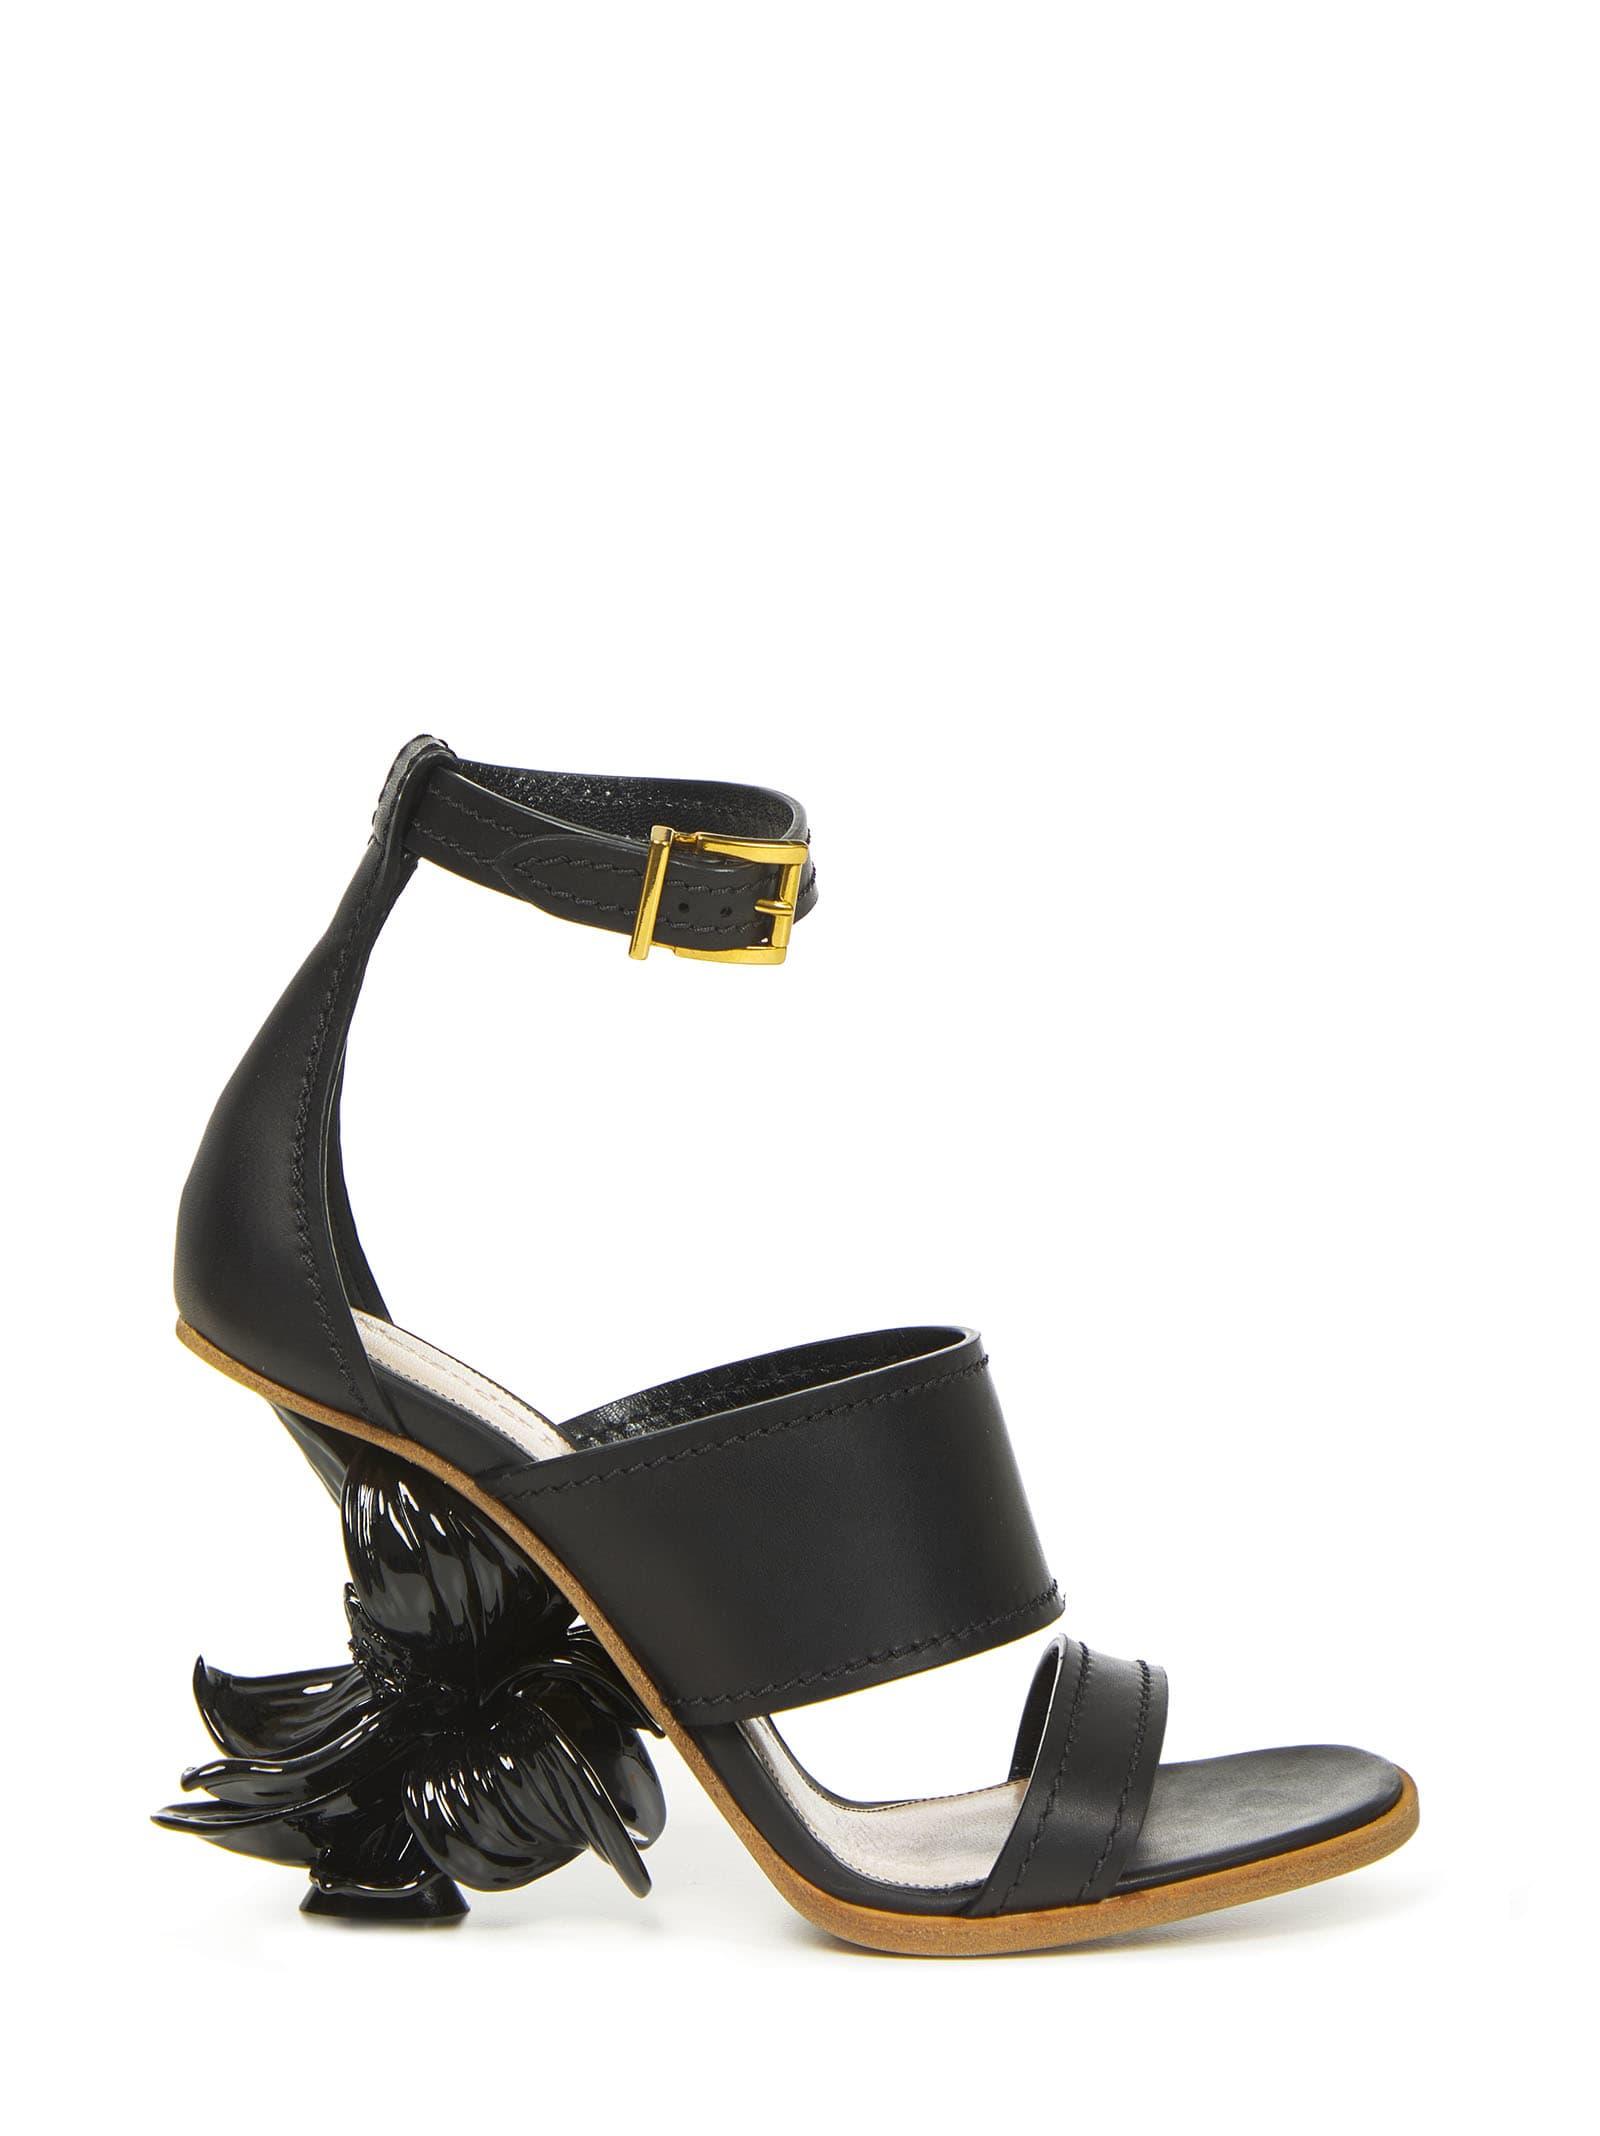 Alexander McQueen Sandals | italist